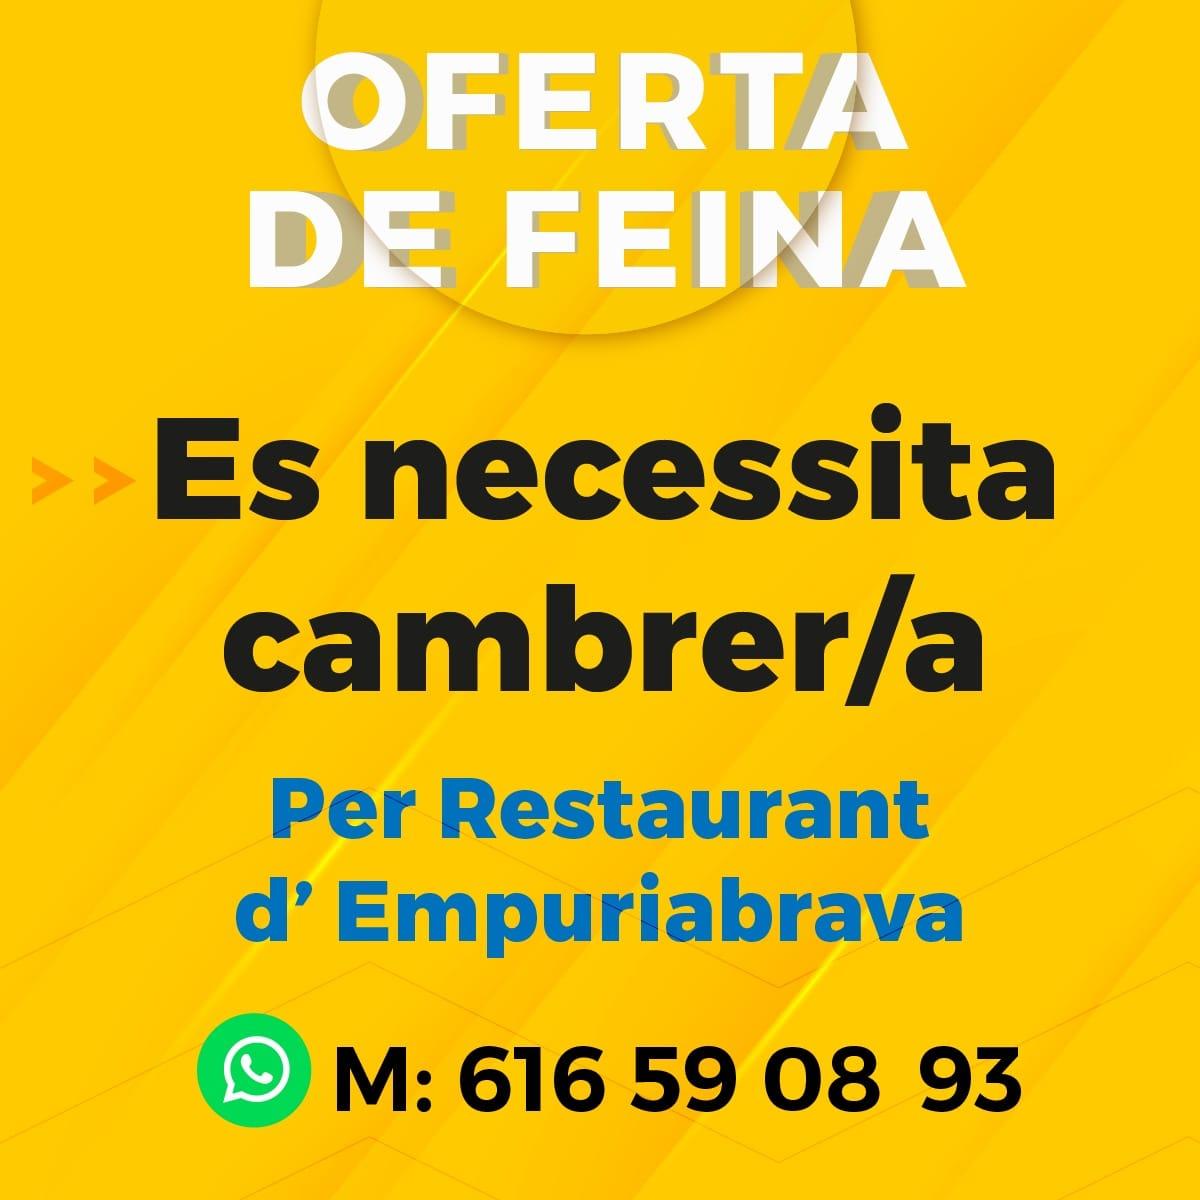 Es necessita cambrer/a per a restaurant d'Empuriabrava